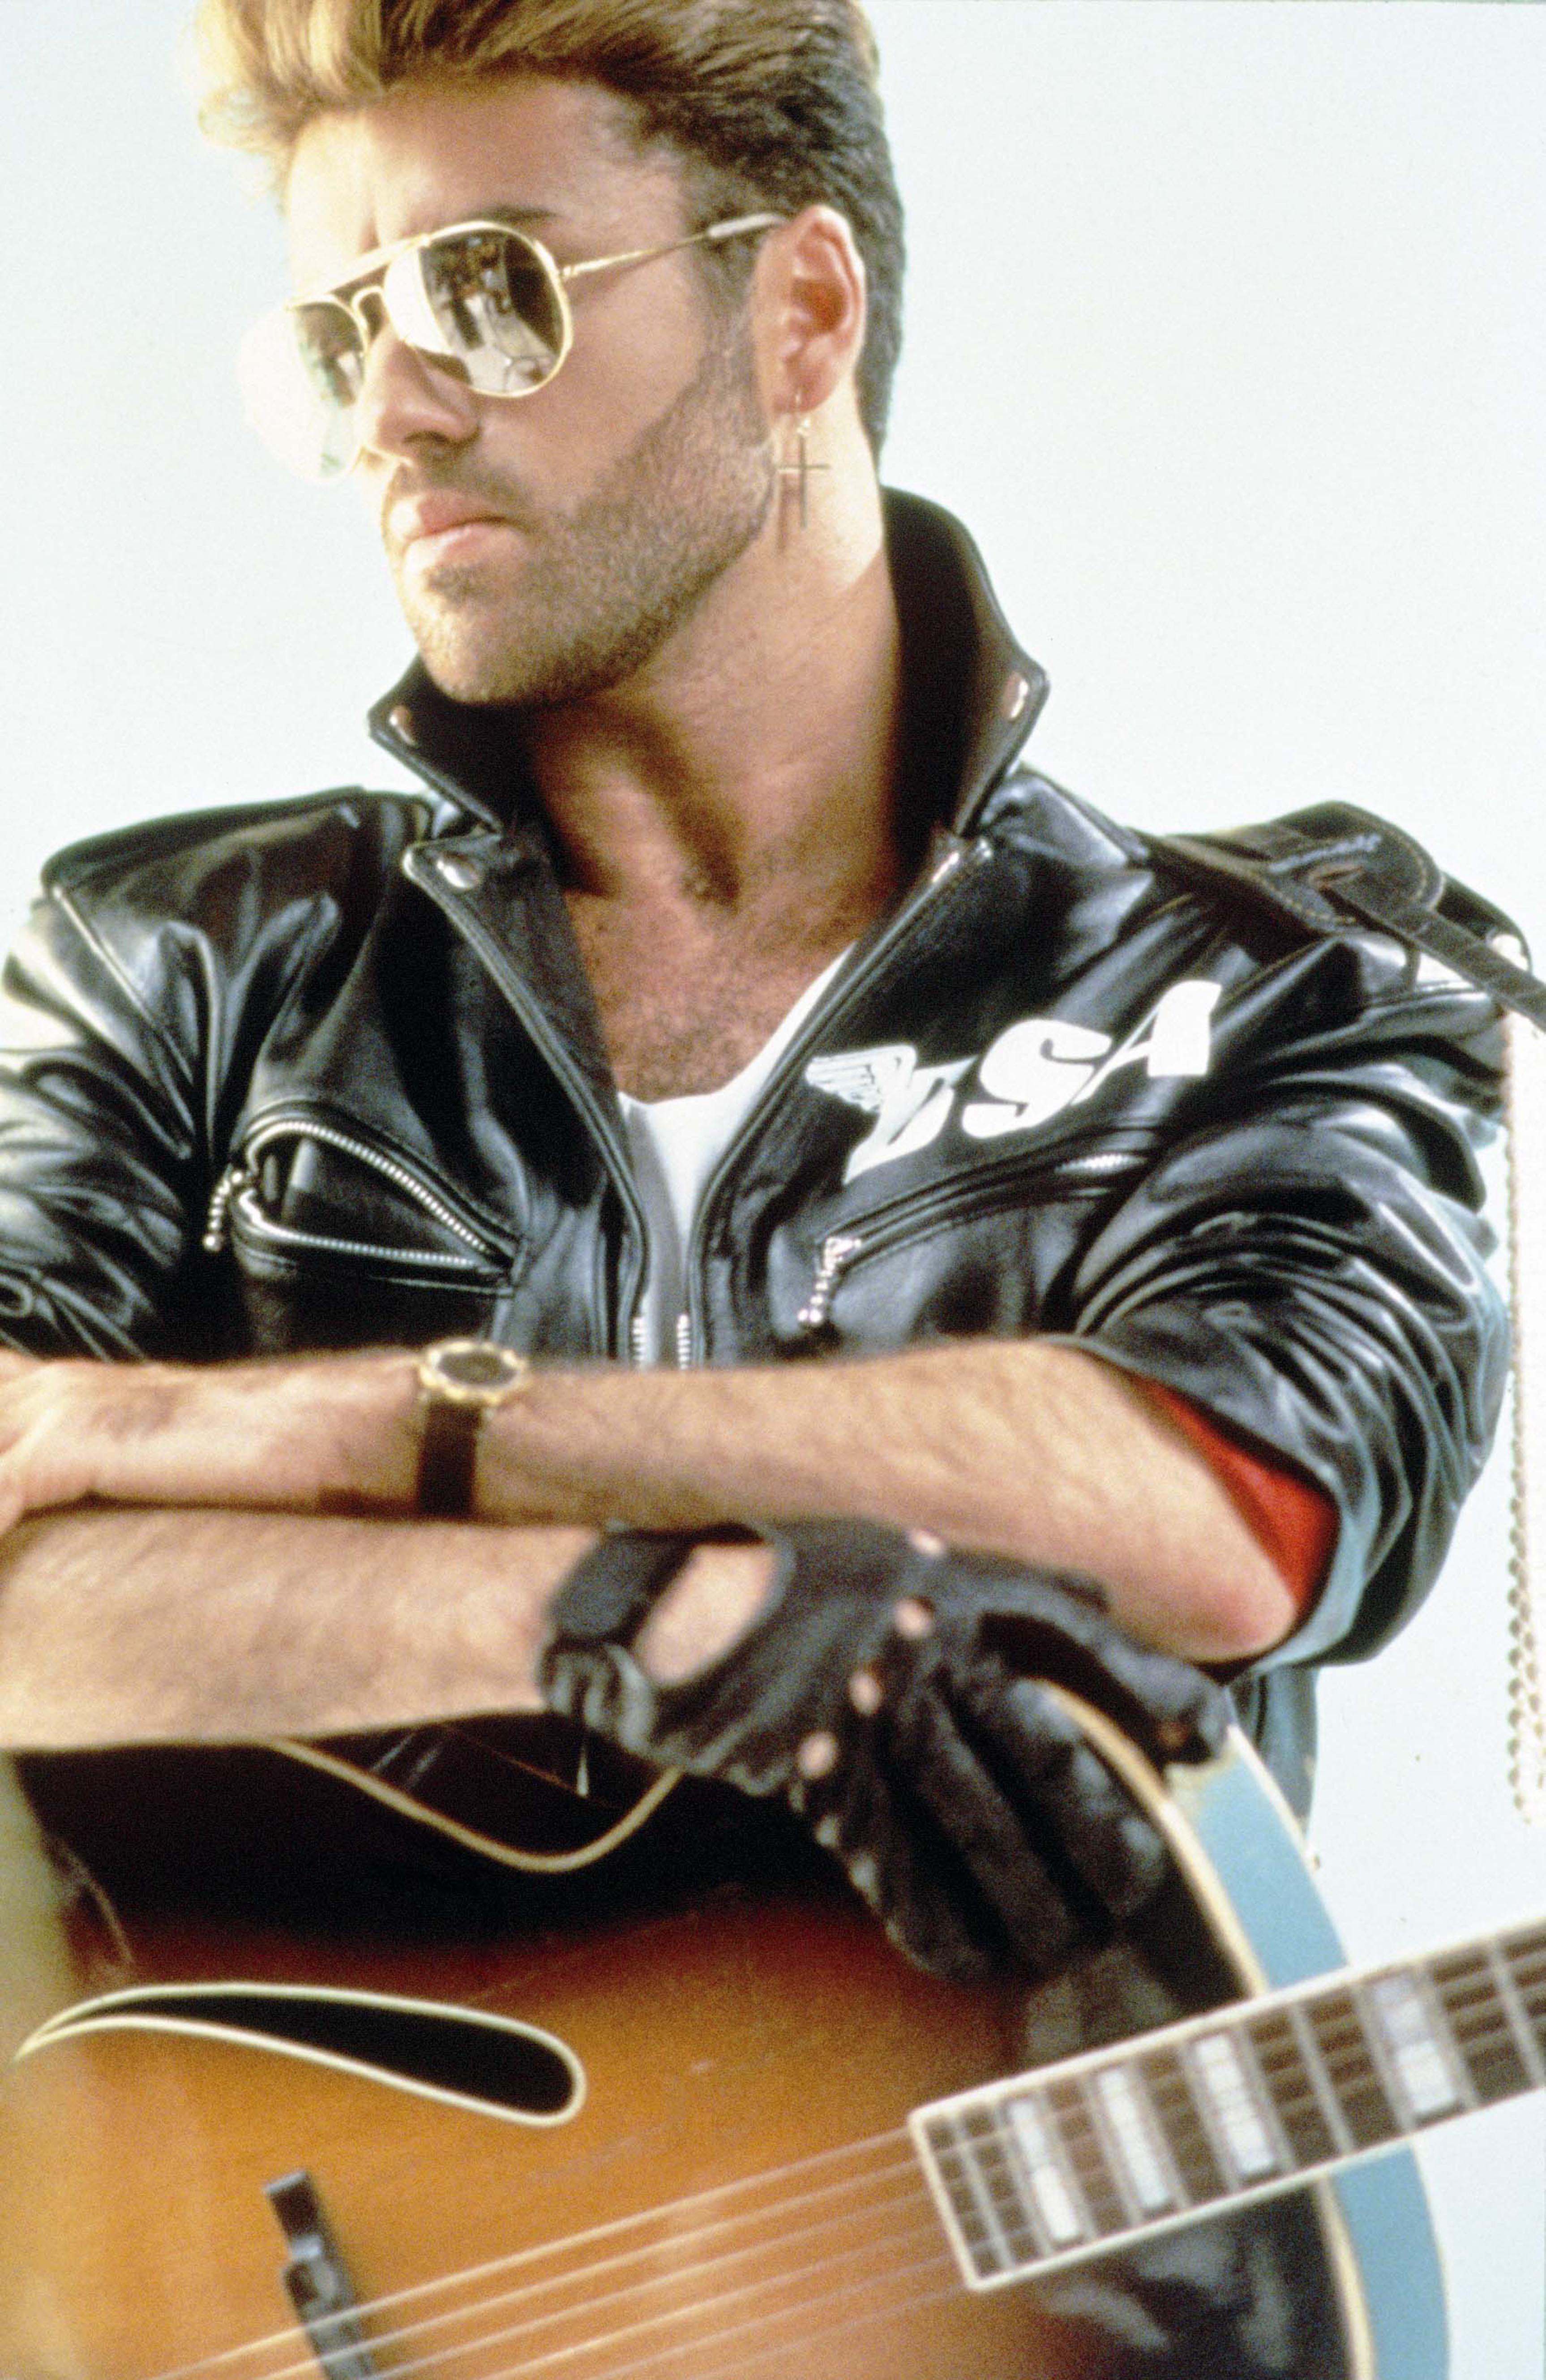 ジョージ・マイケル逝去。彼の作品と偉業の数々を振り返る   HIGH ...